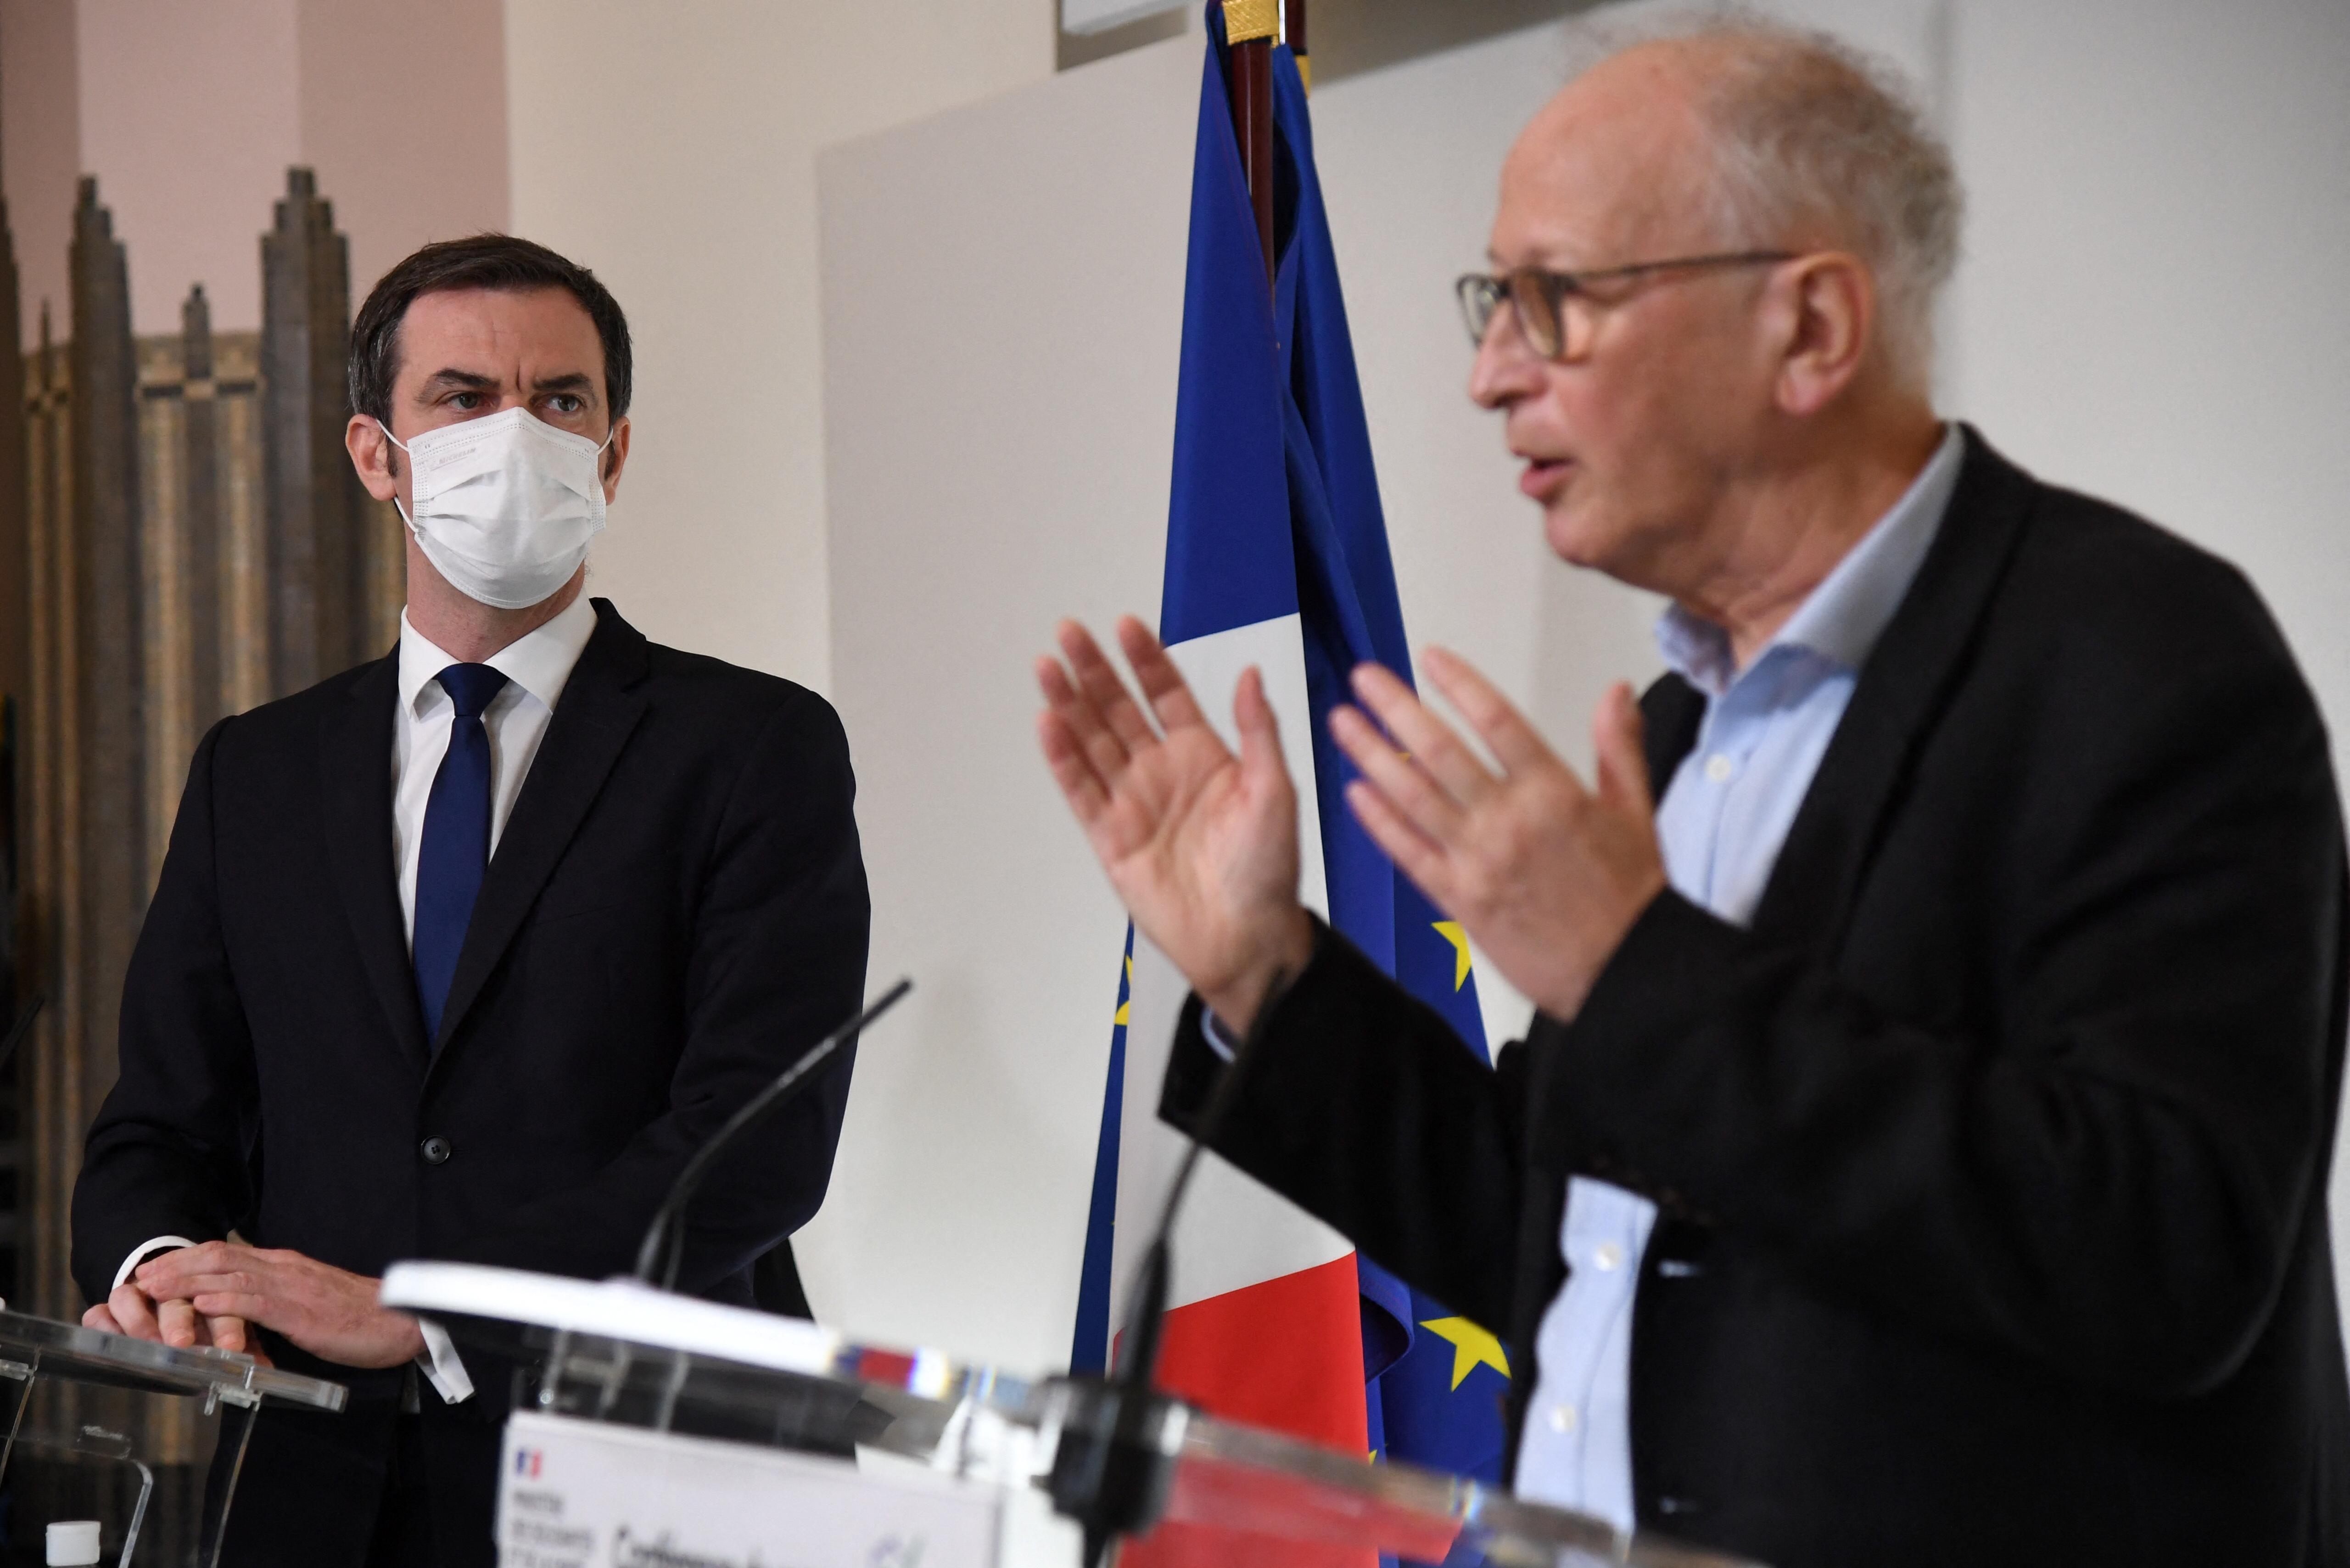 Vaccin anti-Covid-19 : comment le gouvernement se démène pour convaincre d'utiliser AstraZeneca - Le Parisien